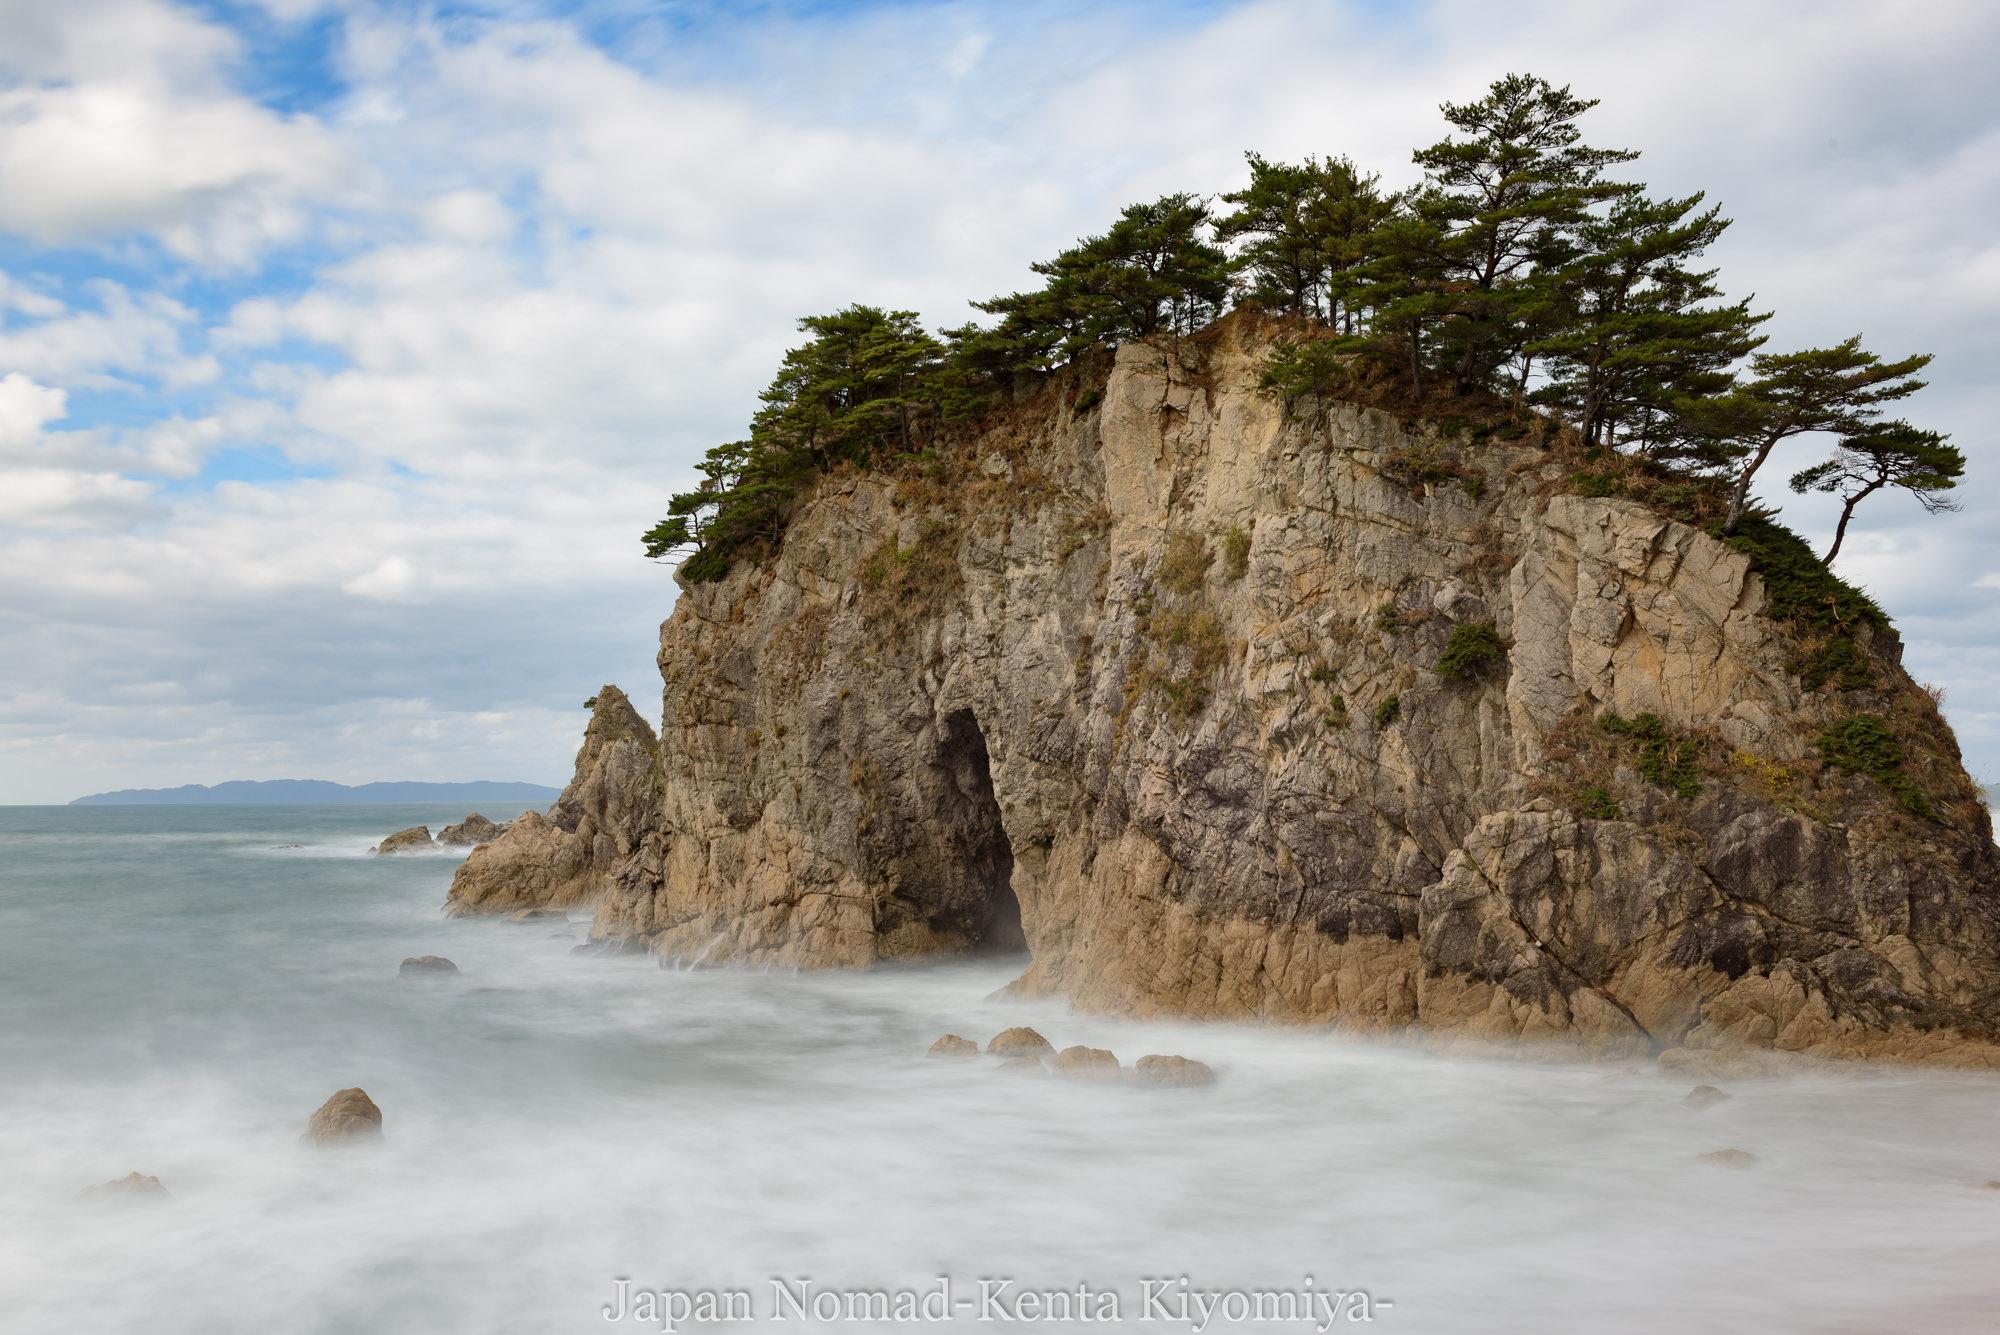 【旅133日目】5,000km突破して新潟県へ突入!笹川流れの海岸美を取りながら日本か意をなんか